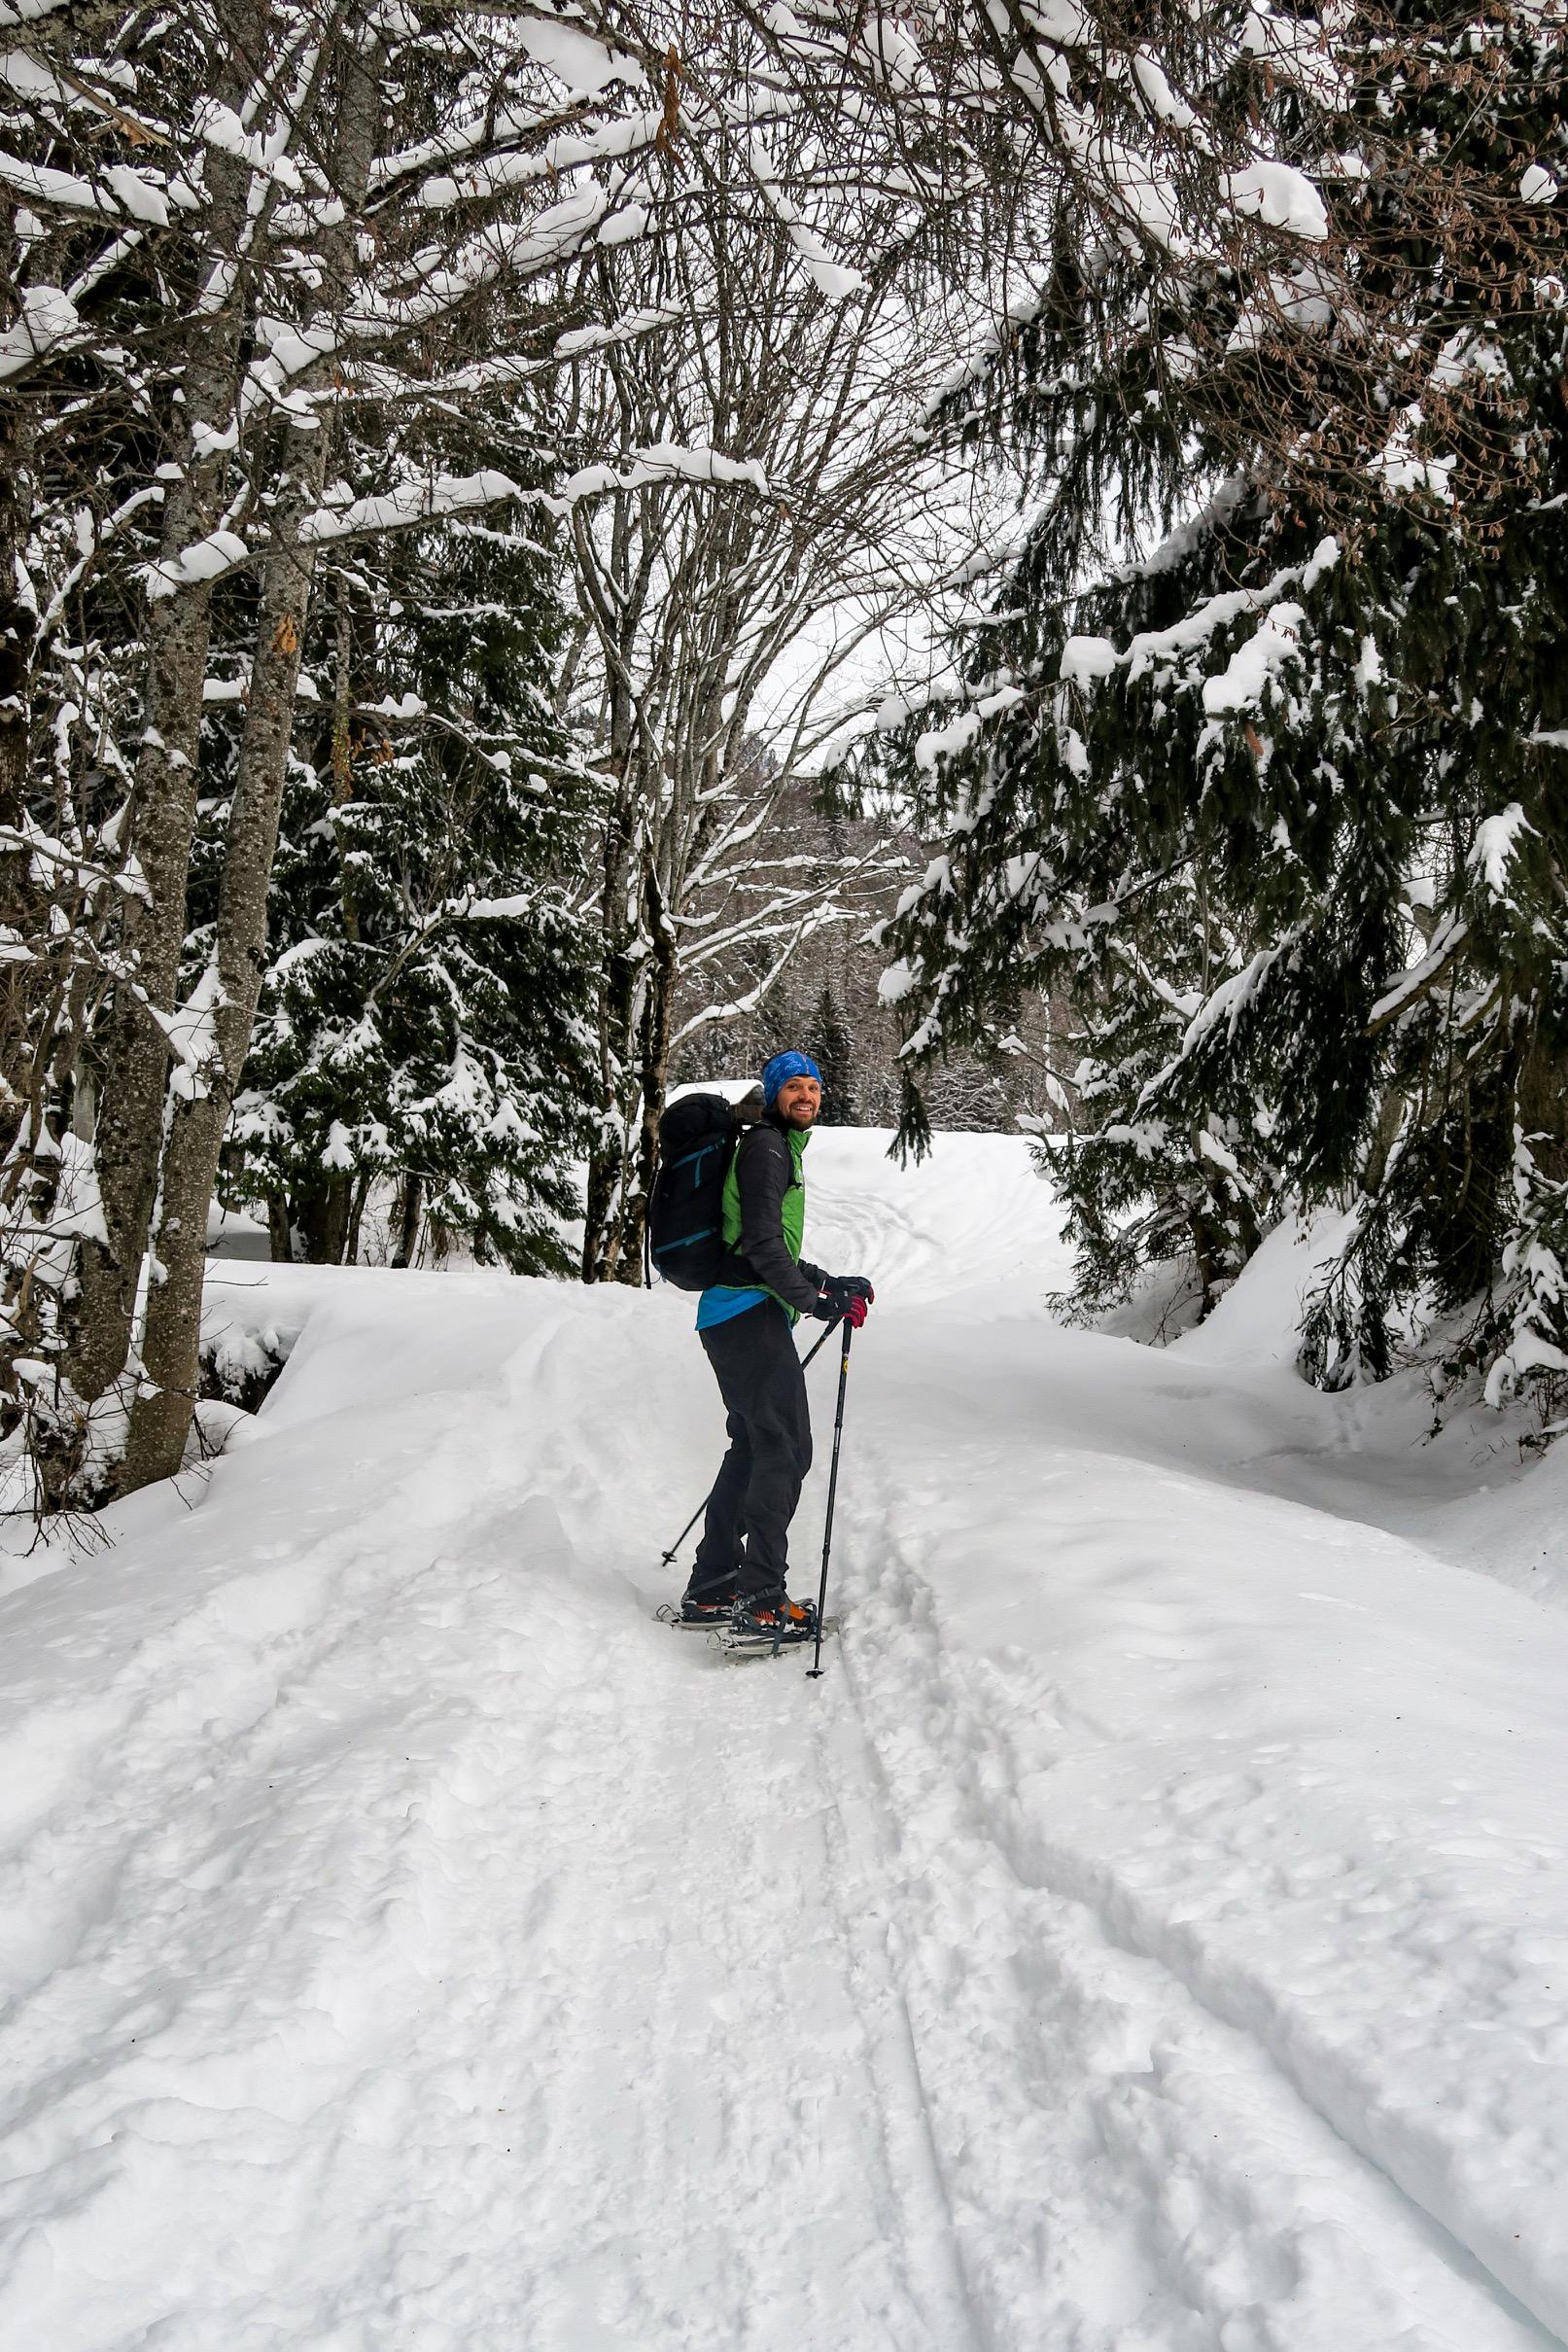 olivier guide de montagne pays albertville hiver